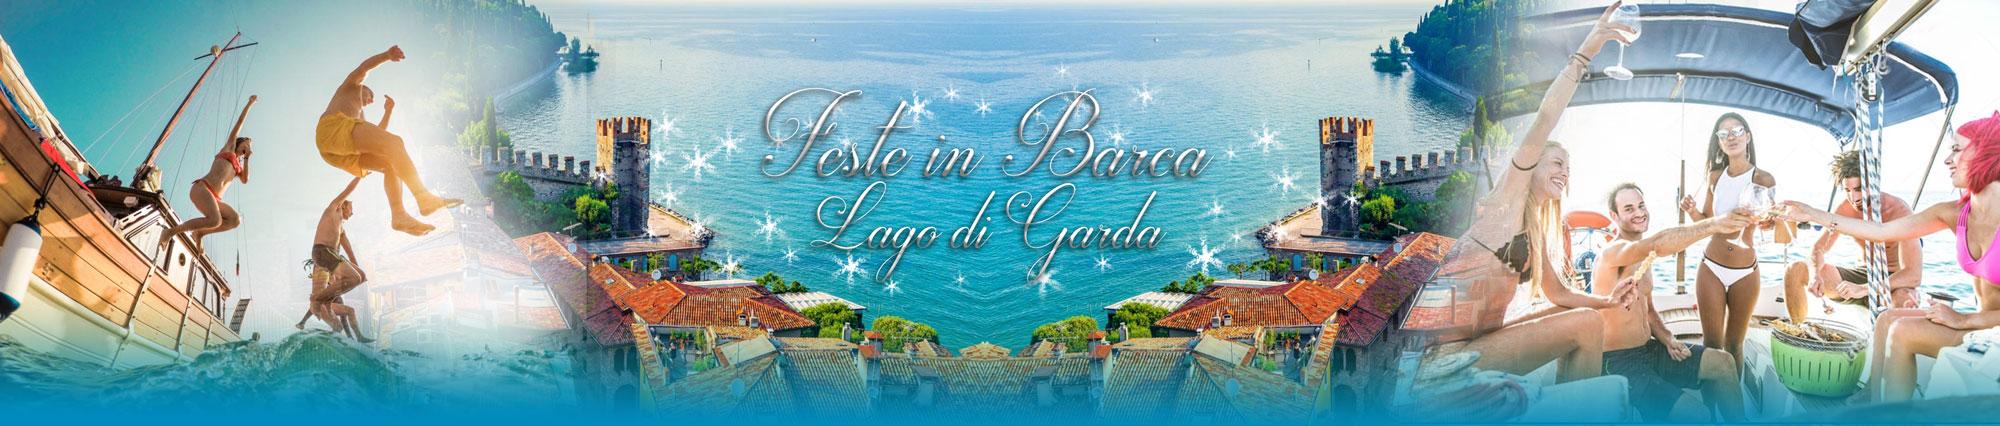 Feste in barca sul lago di Garda